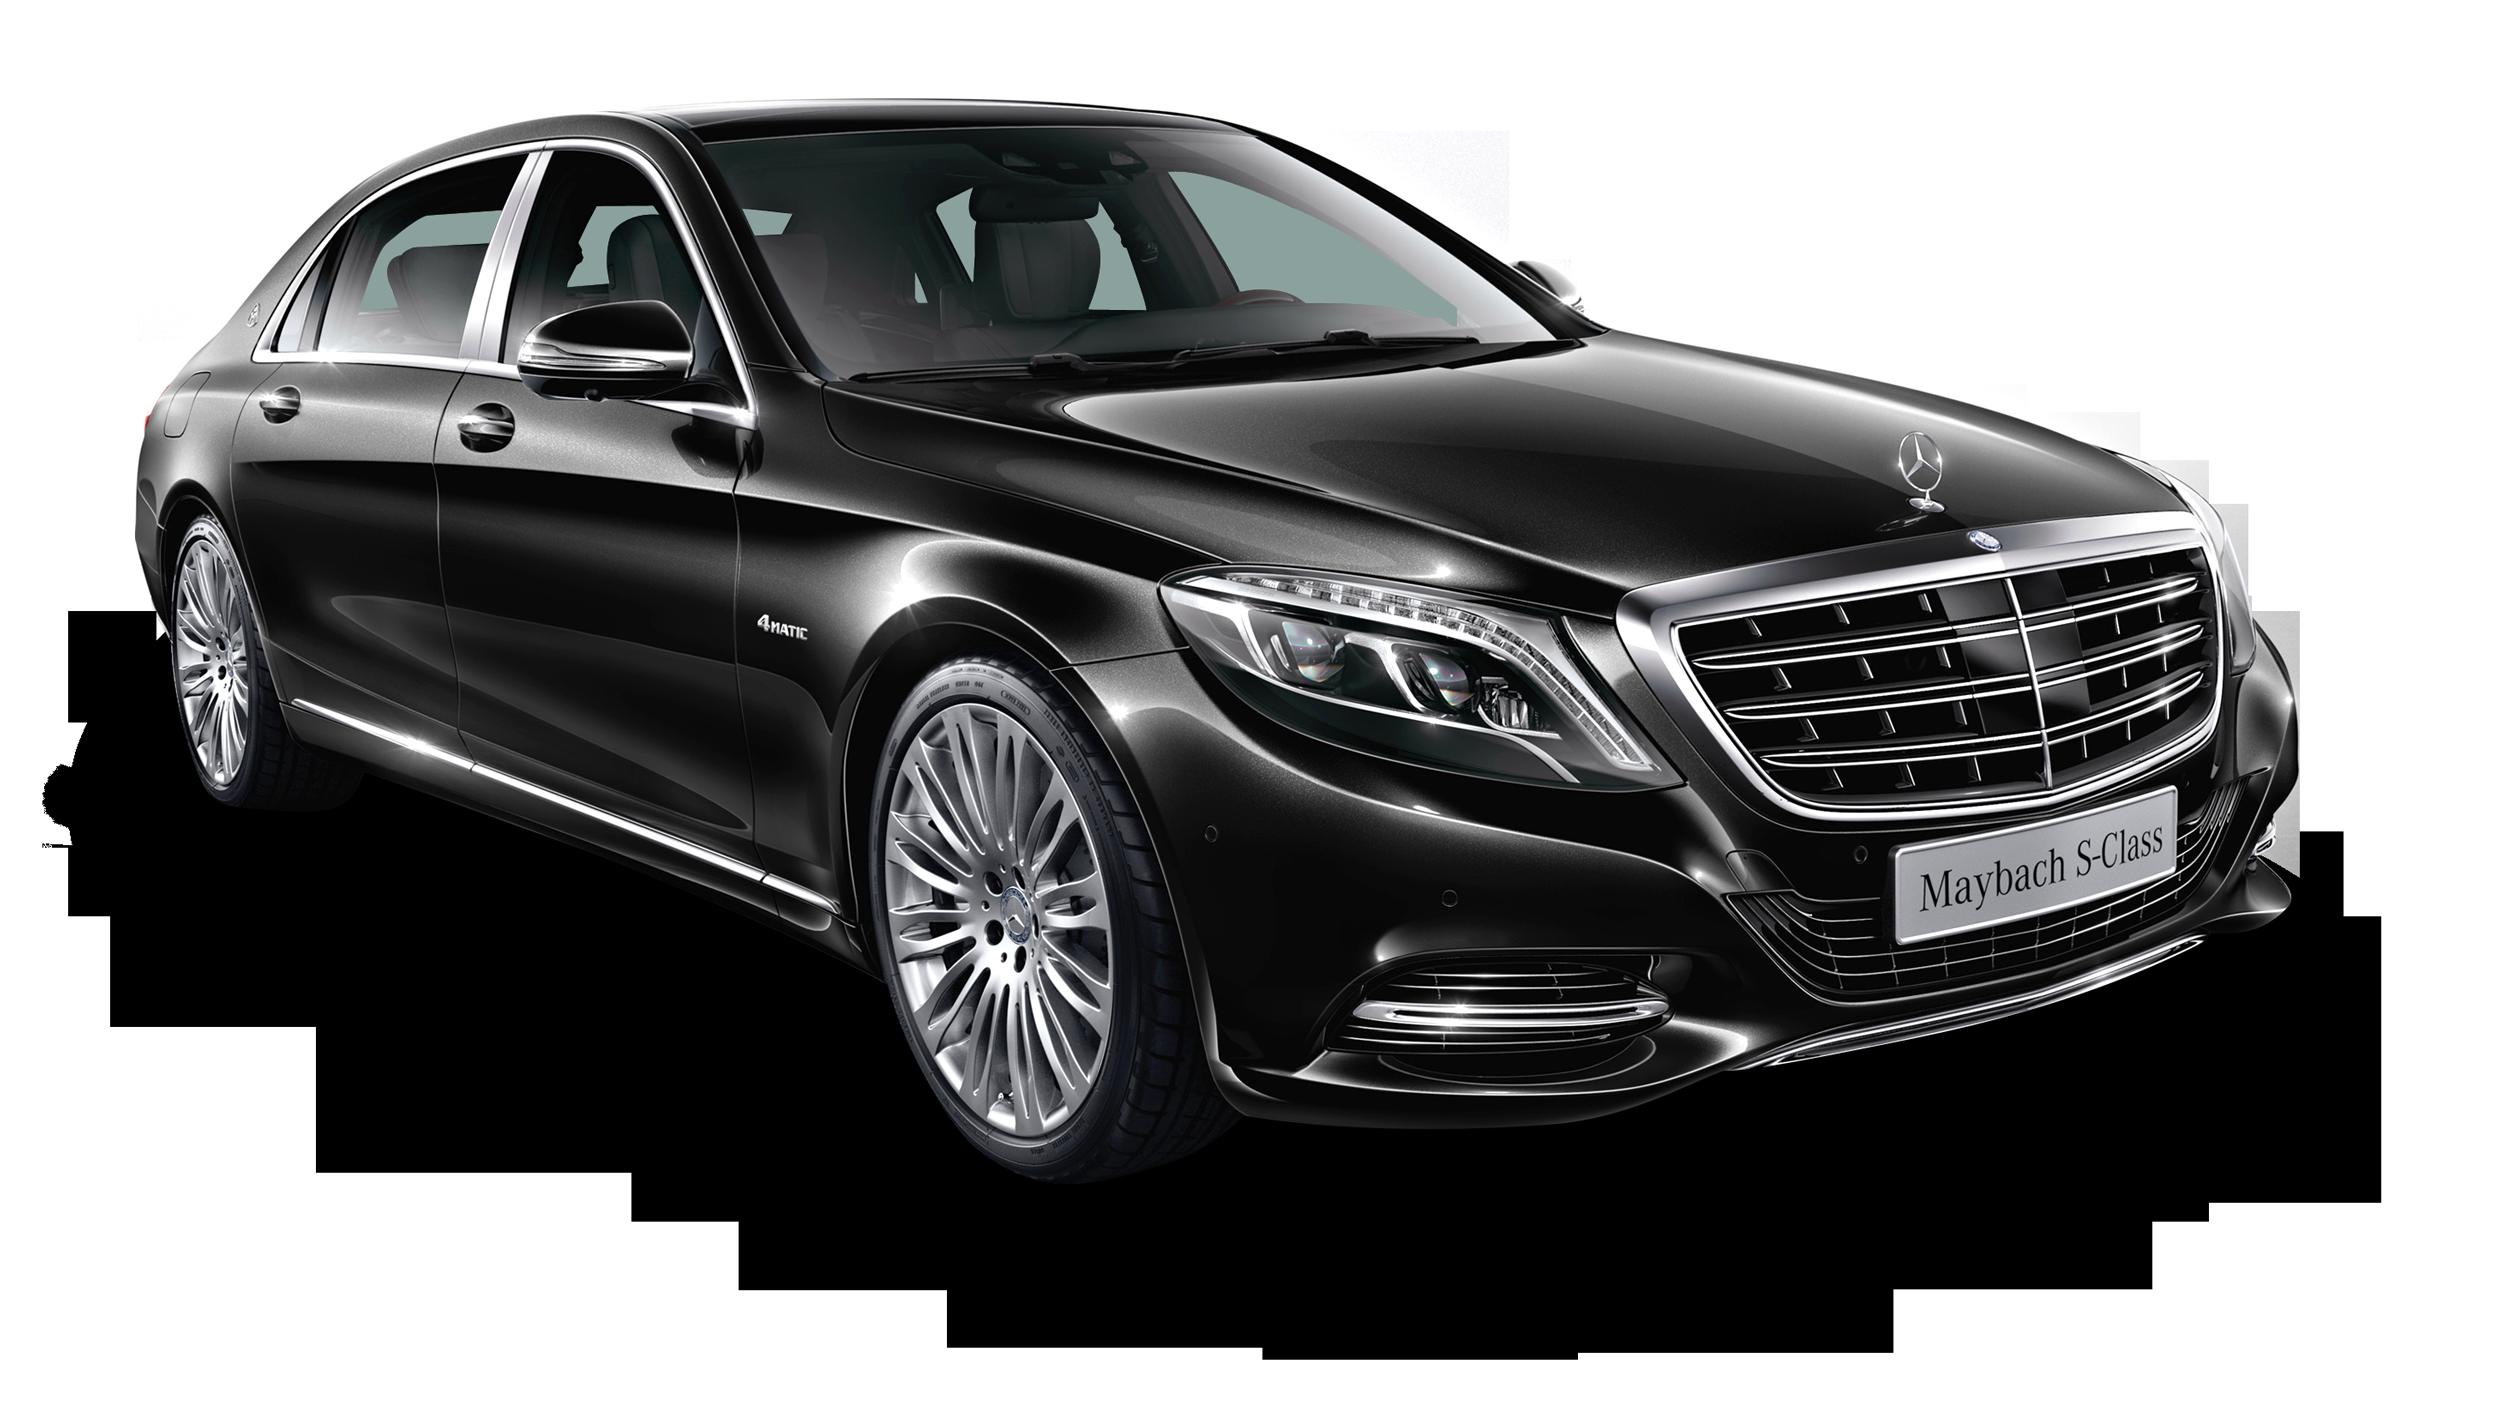 Mercedes Benz S Class Car